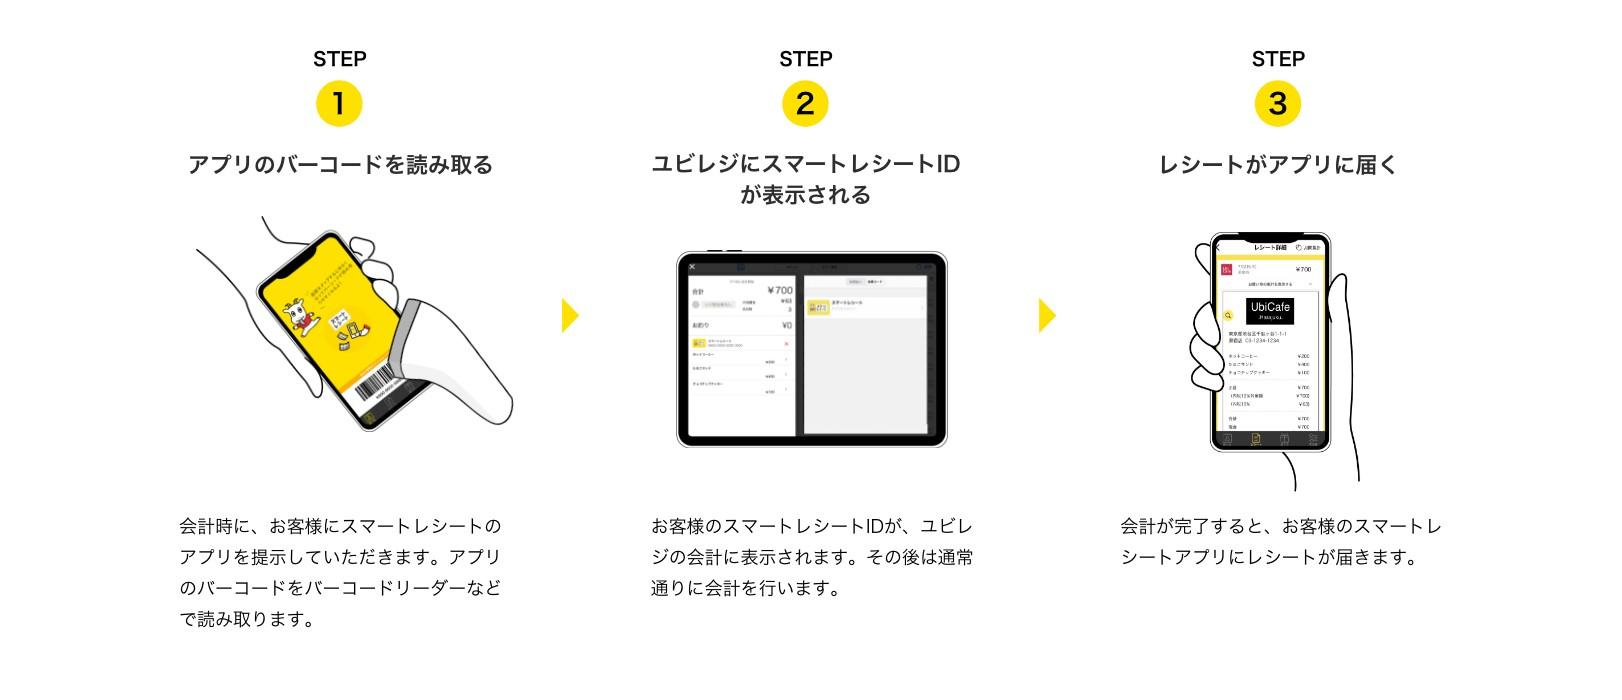 東芝データが提供を支援する「スマートレシート(R)」がユビレジ社のクラウド型POSアプリに追加